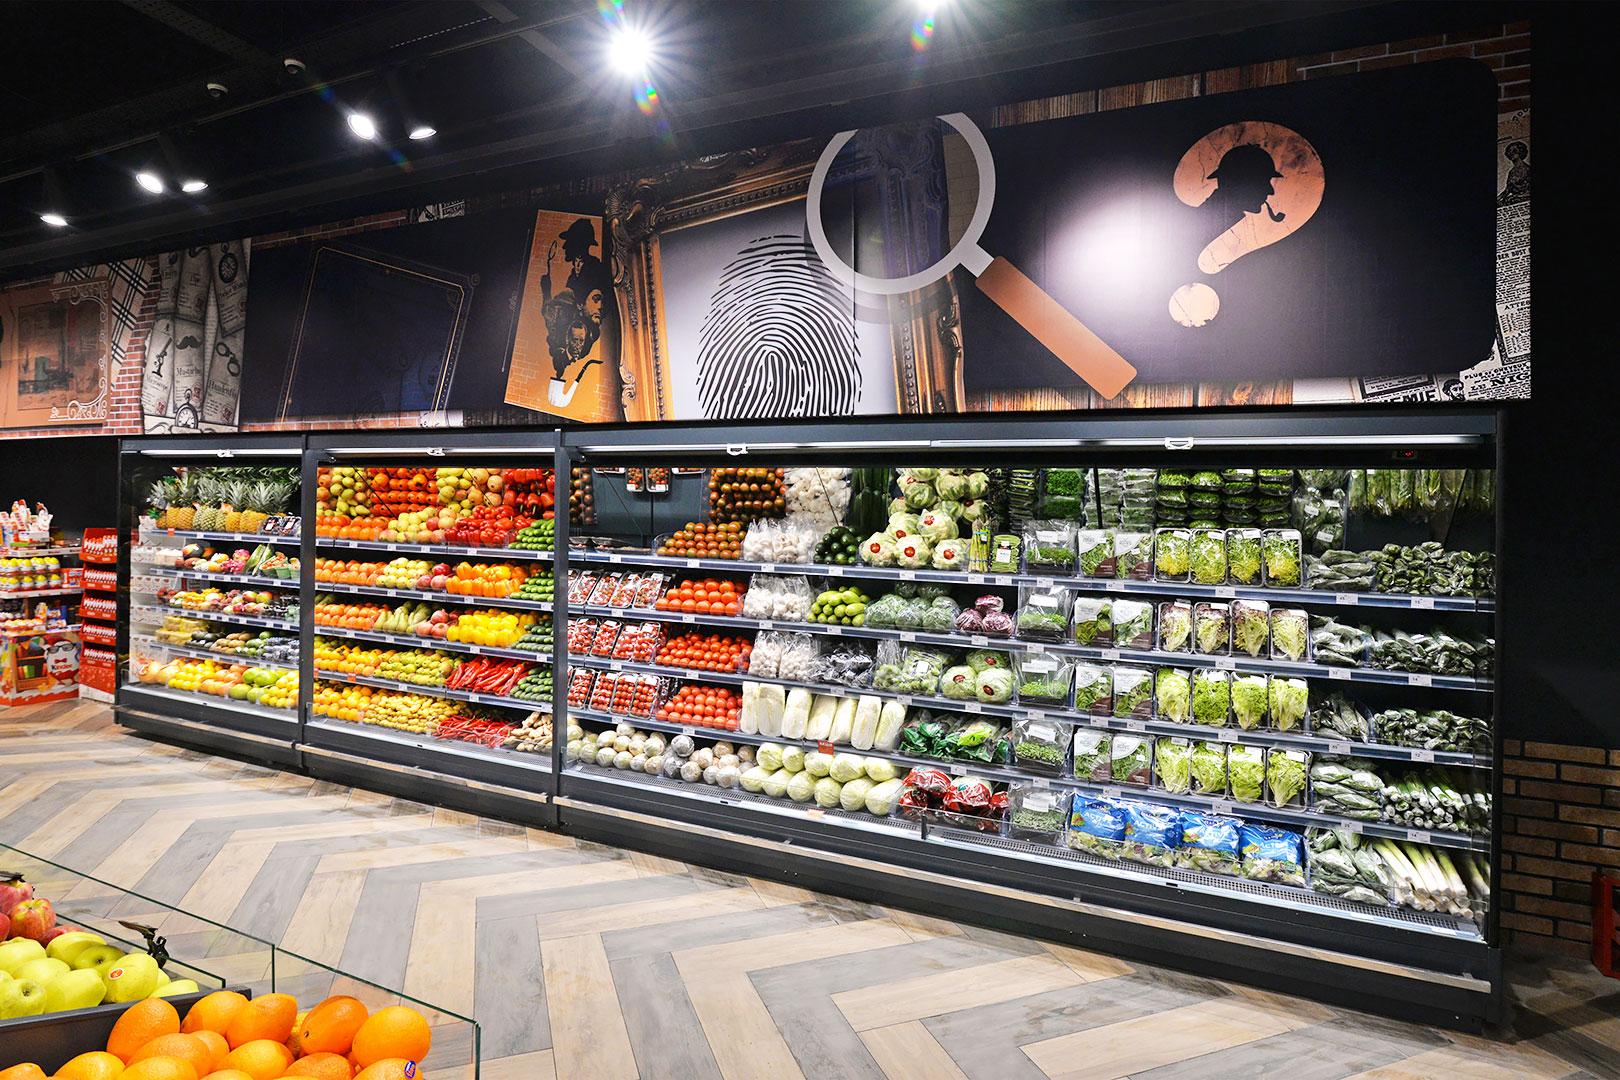 Специализированные витрины для продажи овощей и фруктов Indiana MV 080 FV O 205-DLM